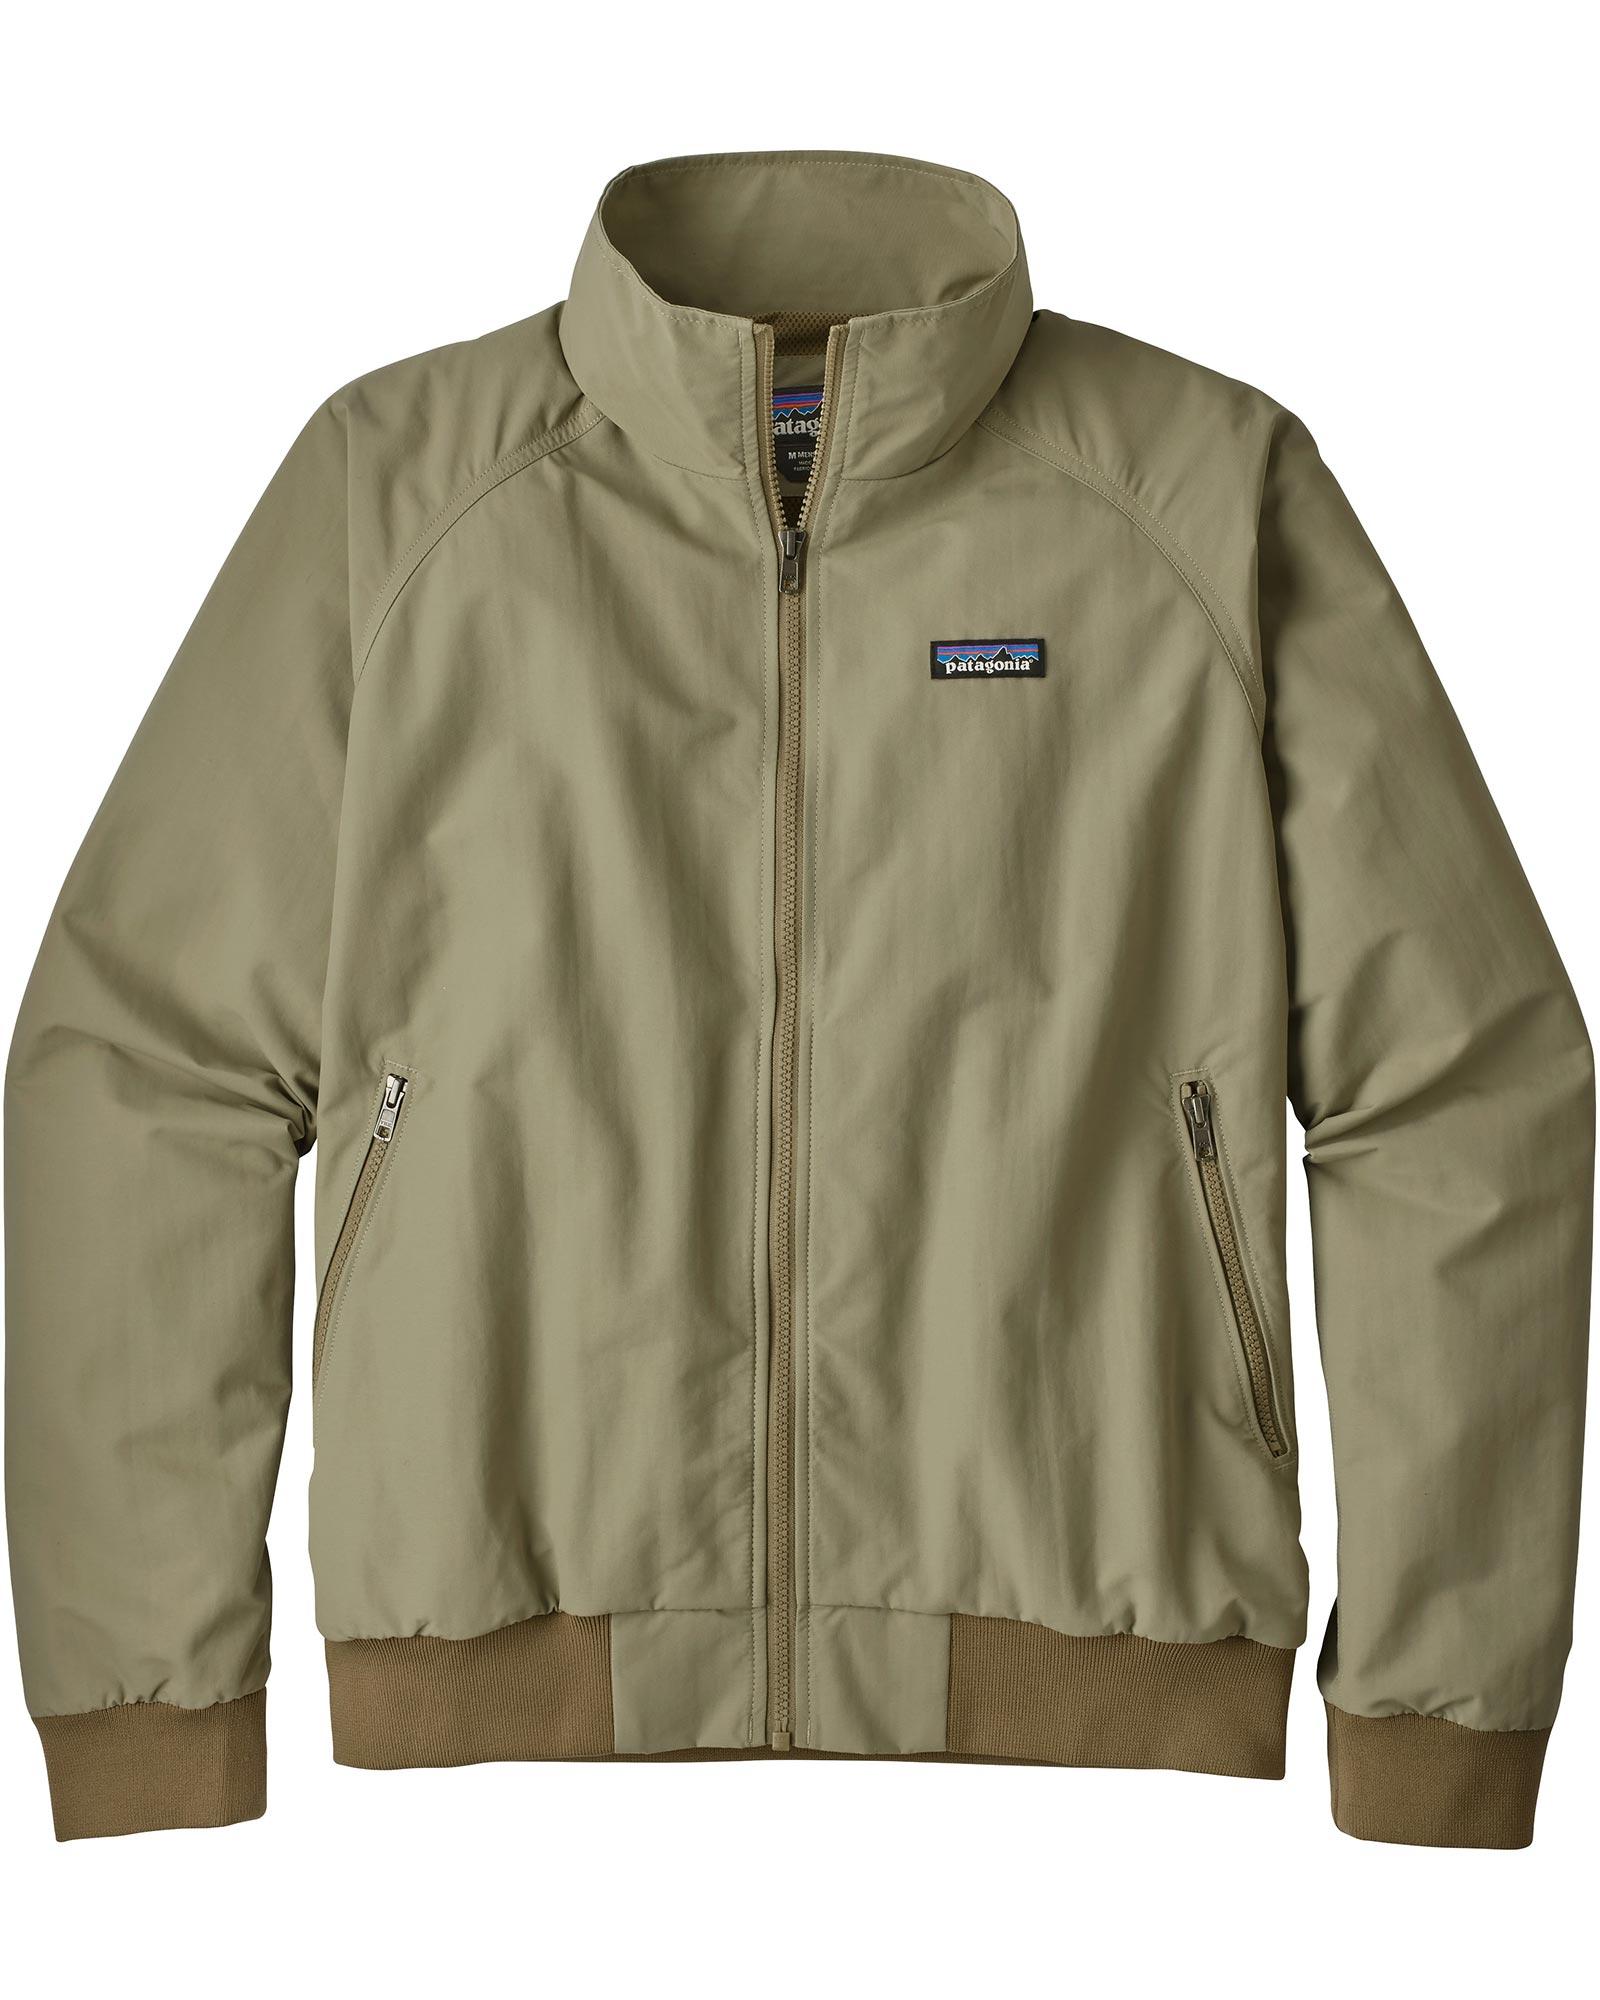 Patagonia Men's Baggies Jacket 0